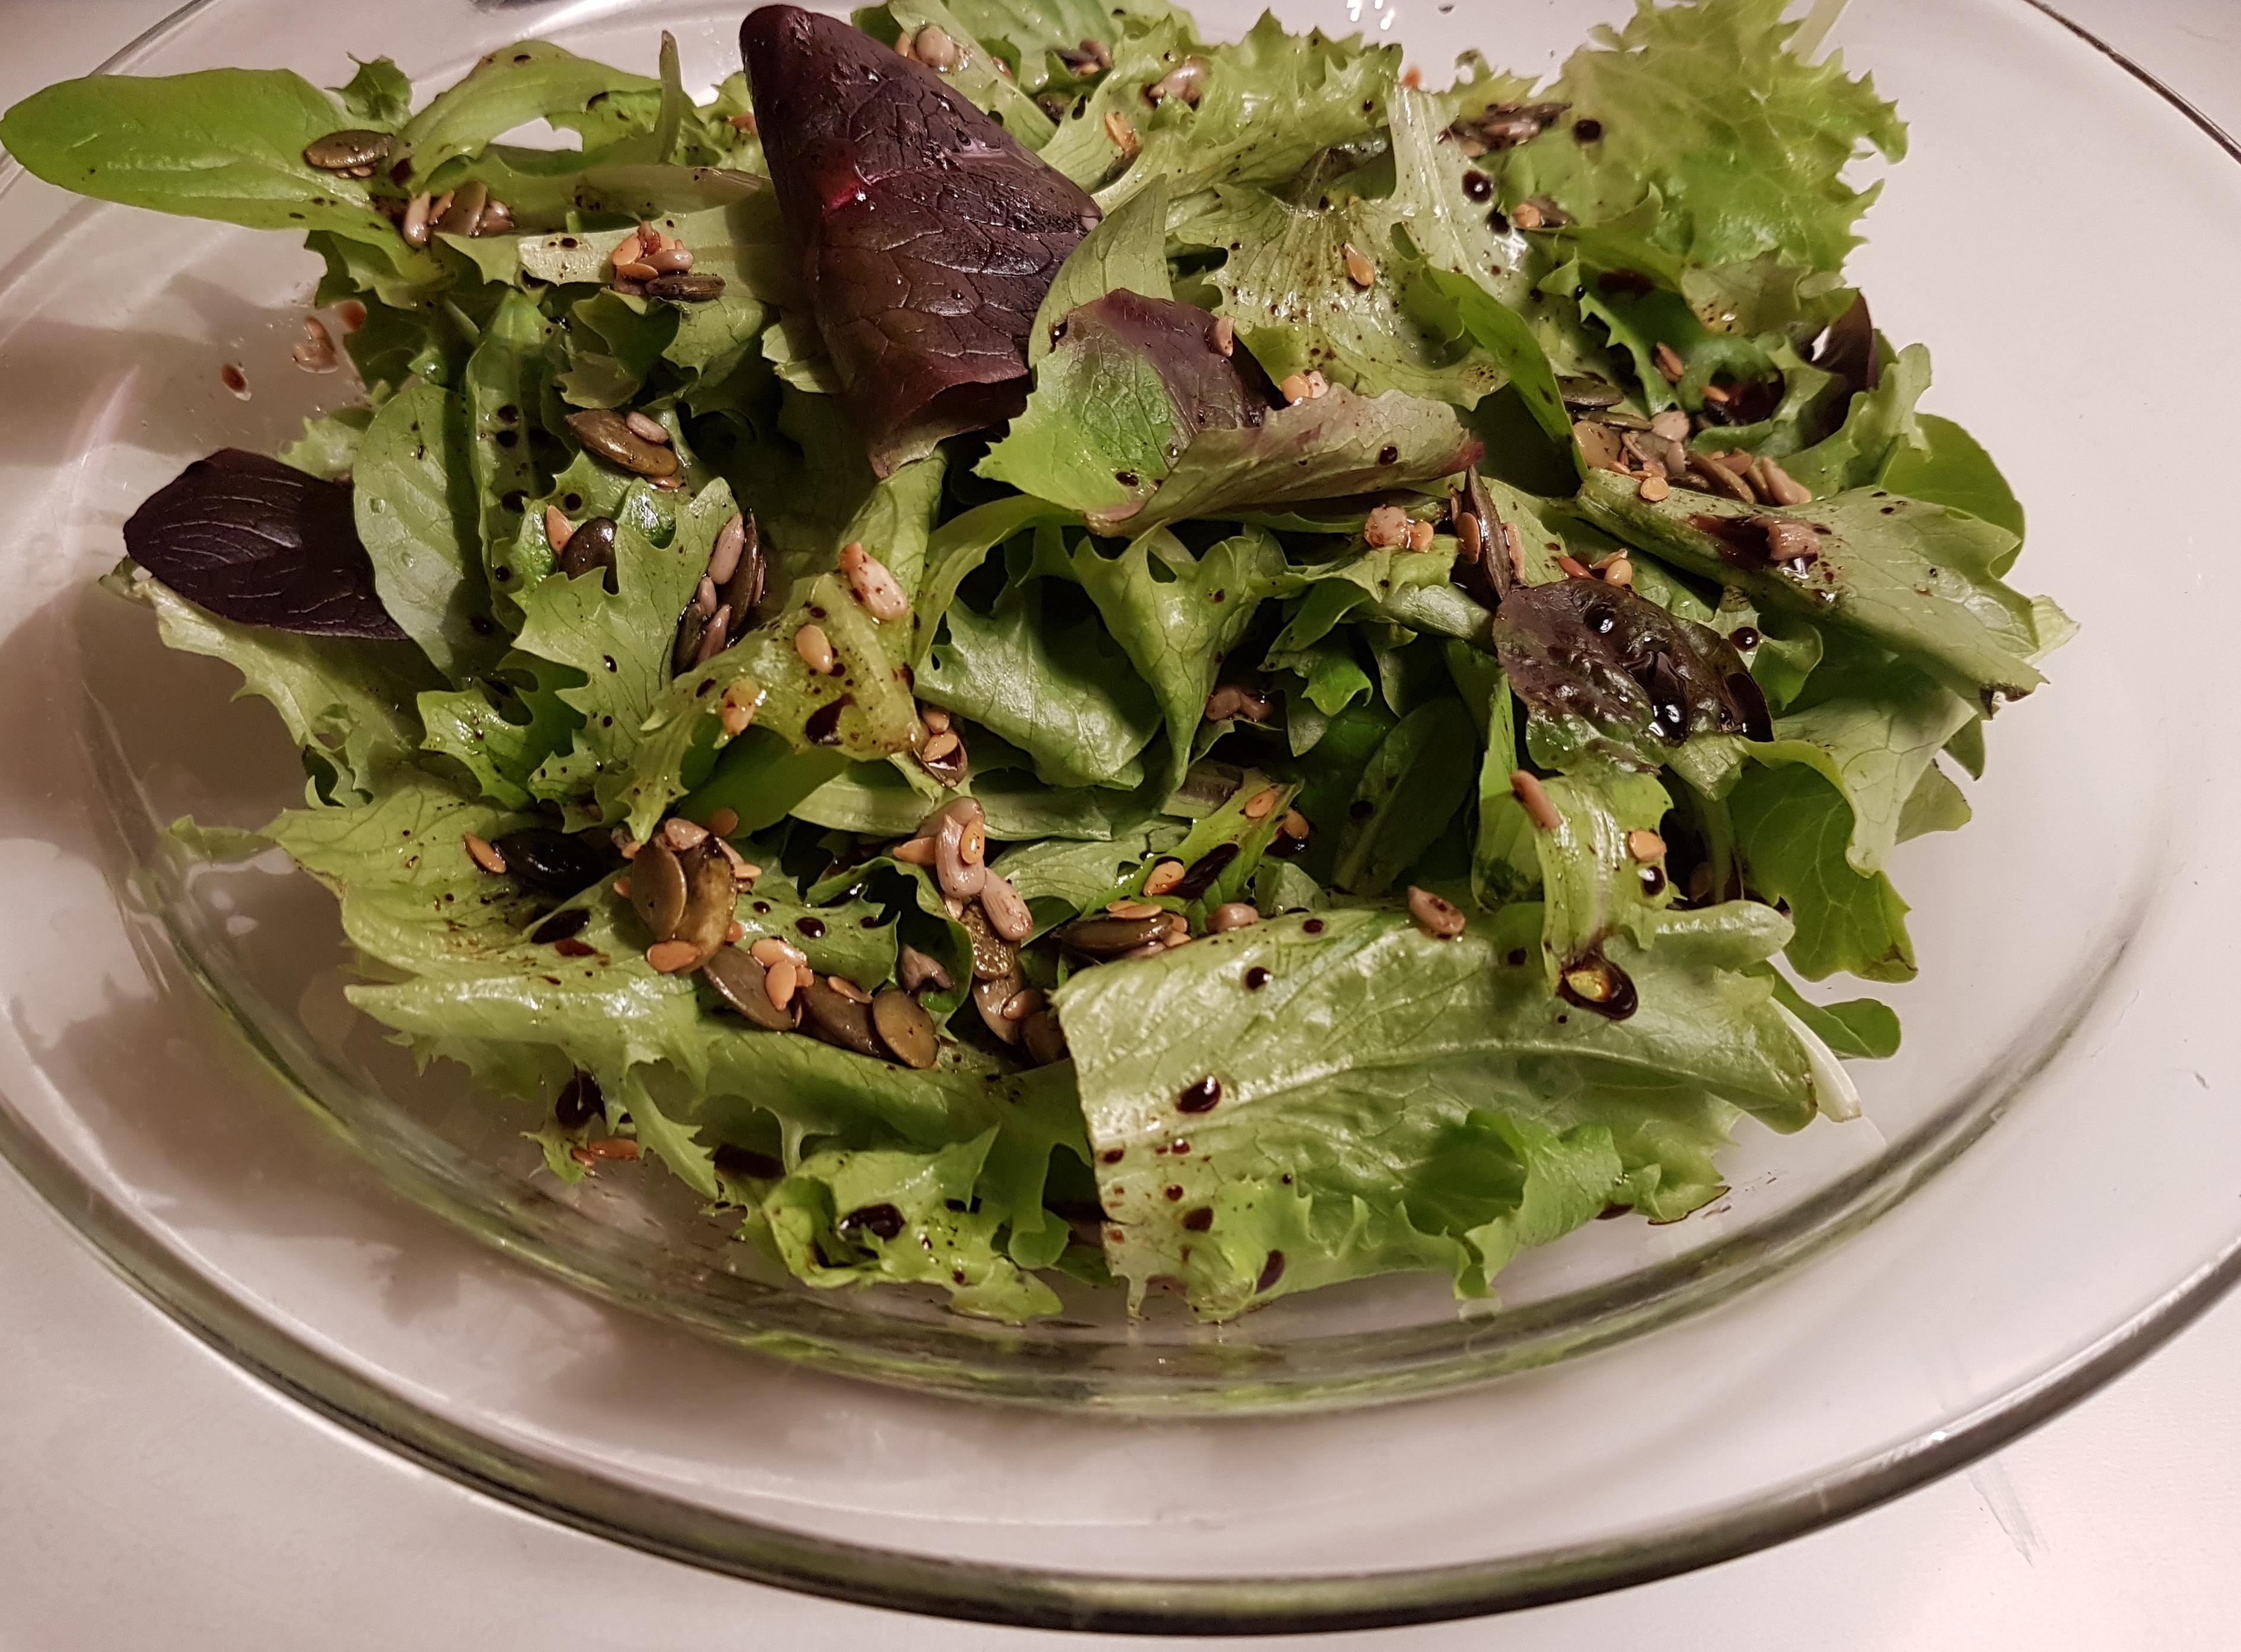 Simplement Bon : salade verte, vinaigrette aux graines 綠色萵苣沙拉 ,種子酸醋調味醬